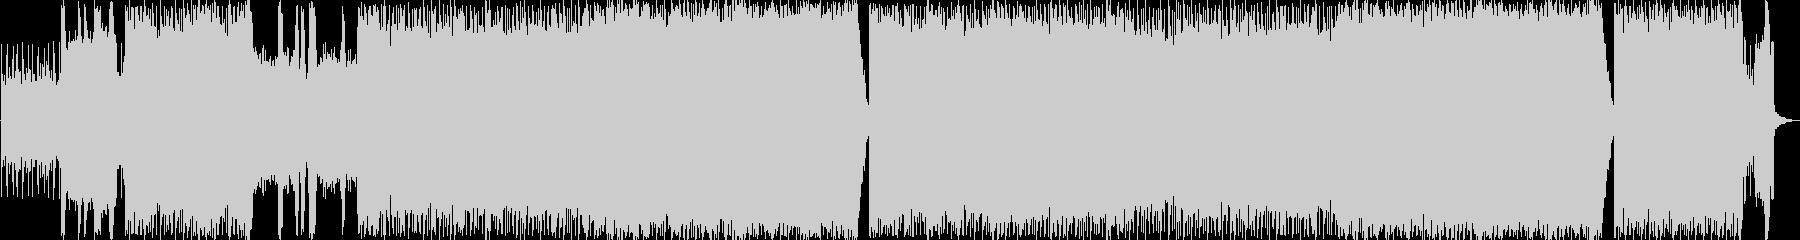 80年代のメガヒット洋楽をイメージの未再生の波形